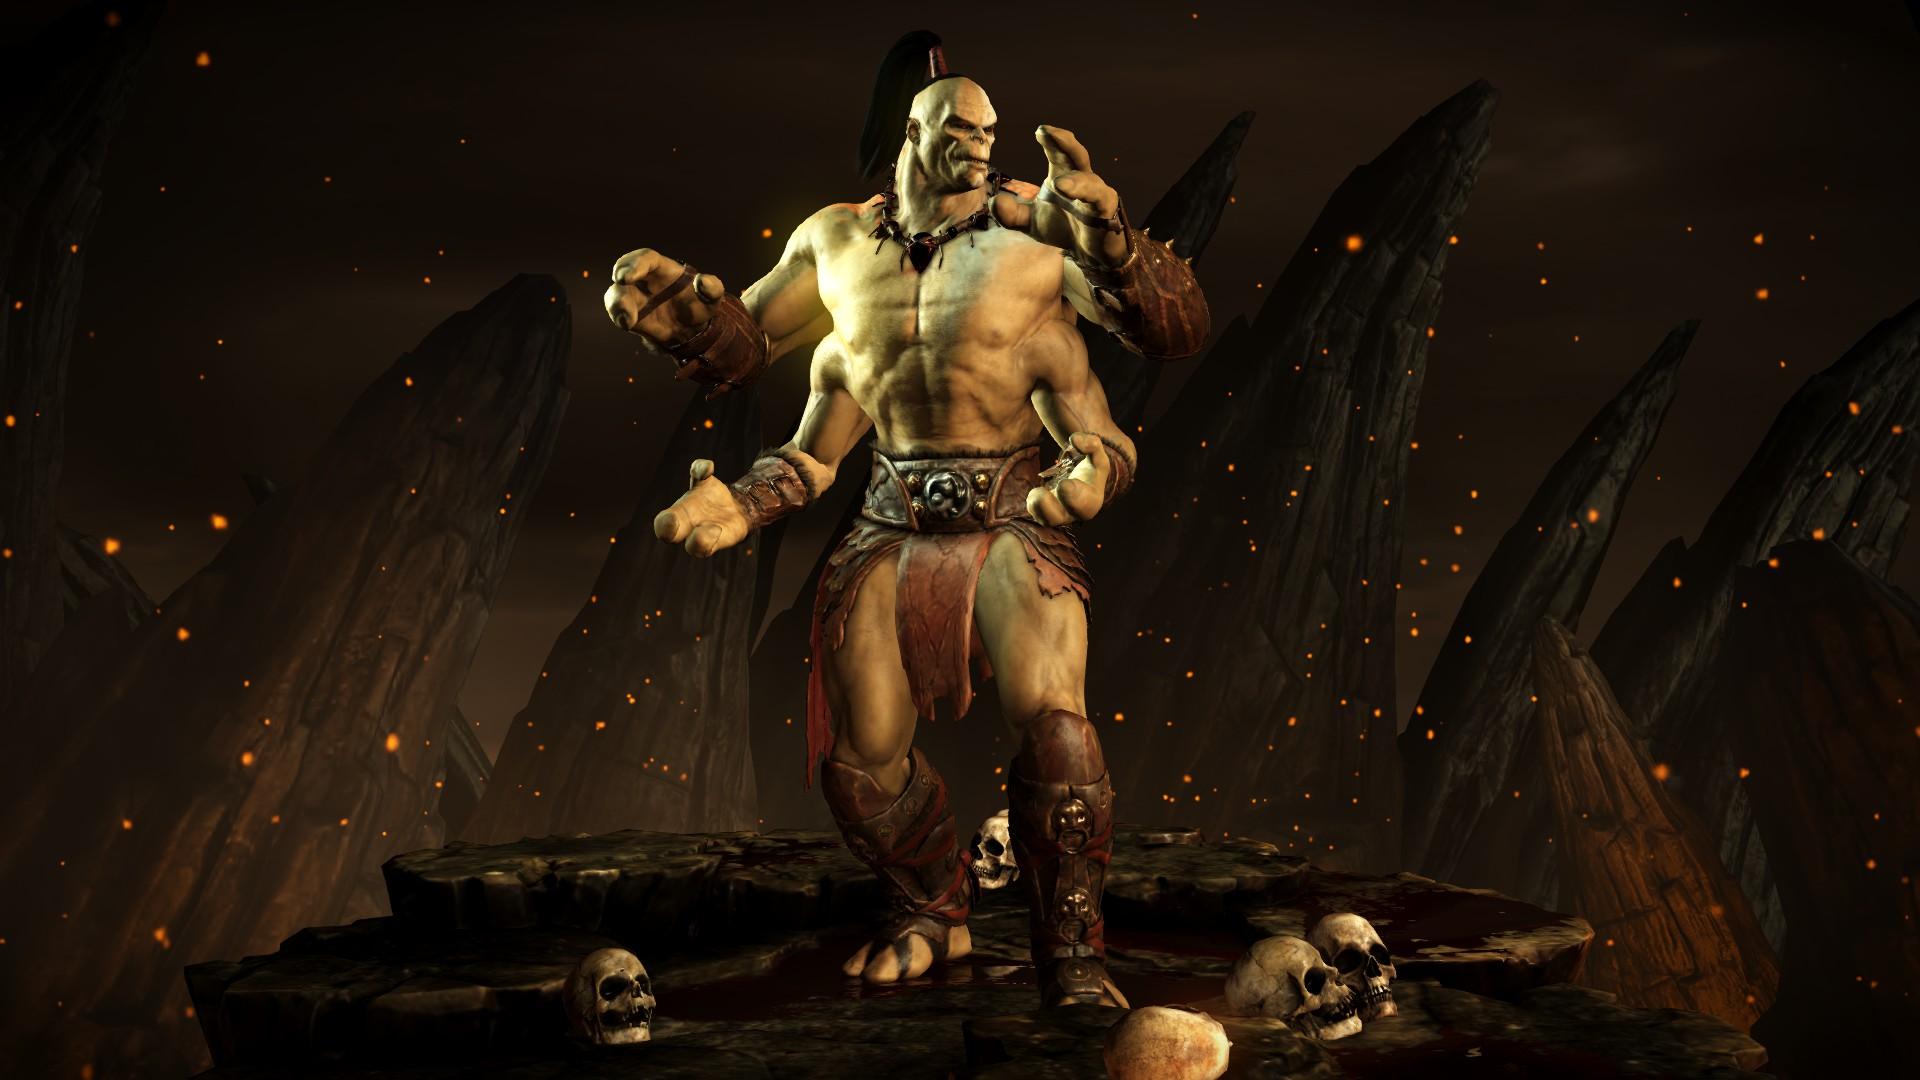 Горо (Стиль: Бешенство тигра) - Mortal Kombat X Горо